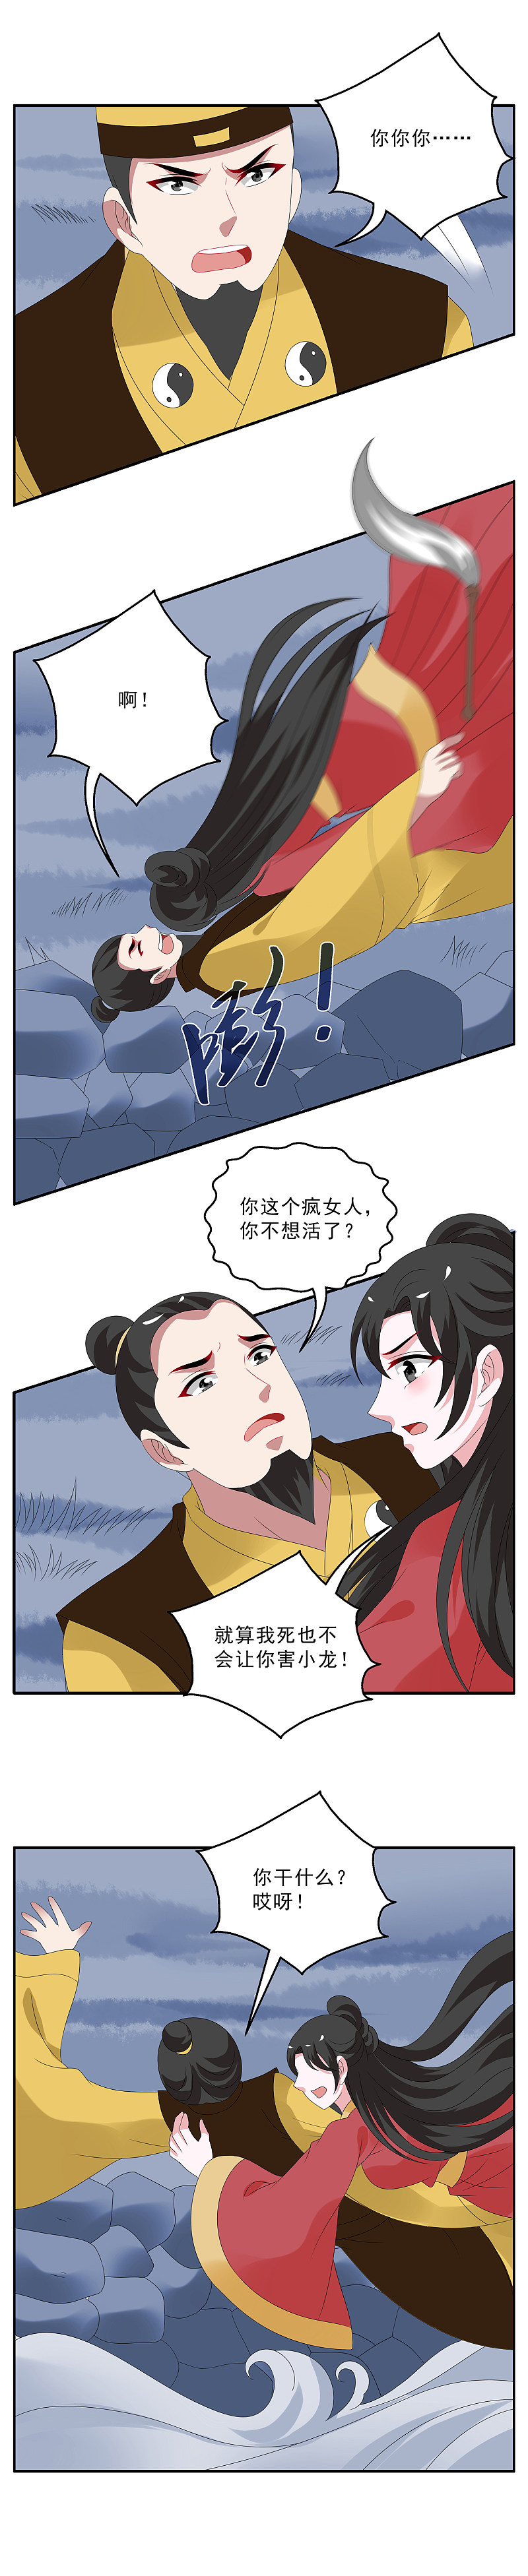 洛小妖117 (5).JPG